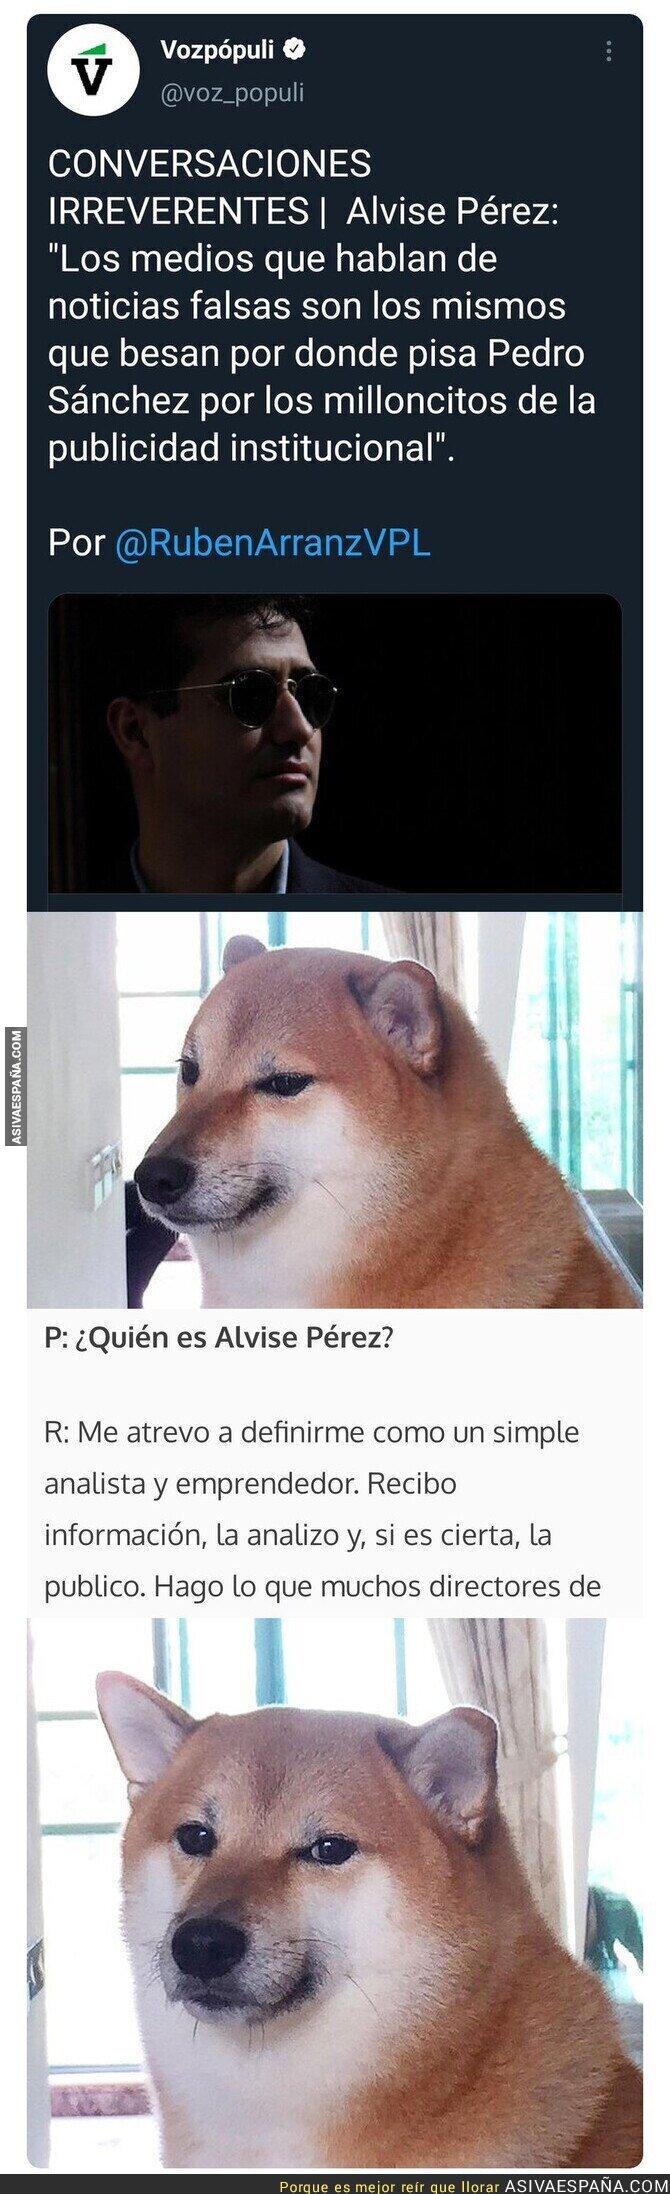 806102 - Entrevistan a Alvise Pérez, el mayor difusor de bulos de internet y su respuesta cuando le preguntan quién es, es surrealista